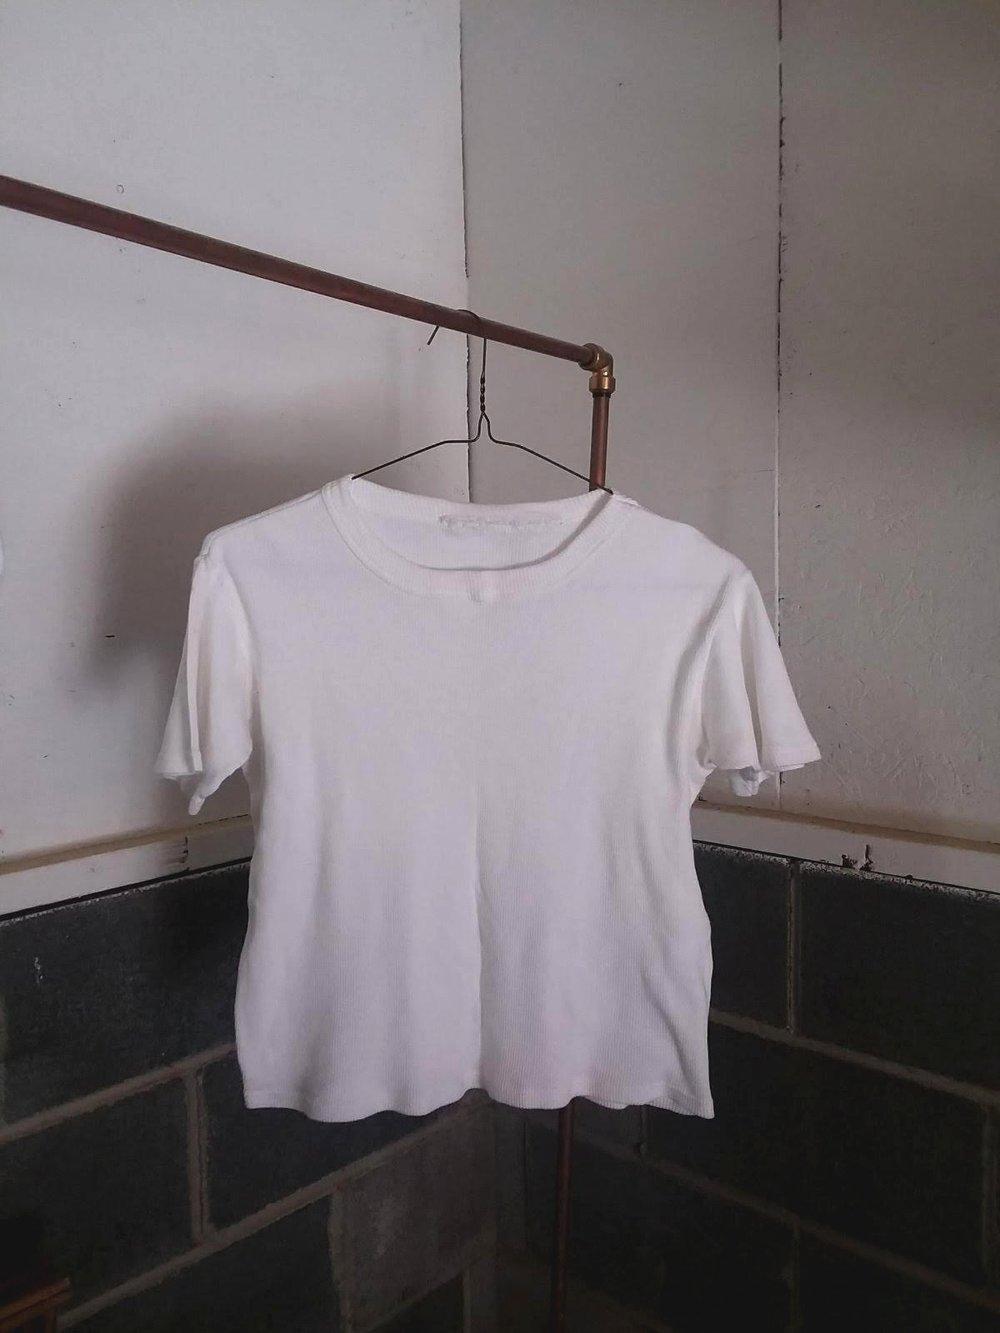 cotton tee pre mordant & dye